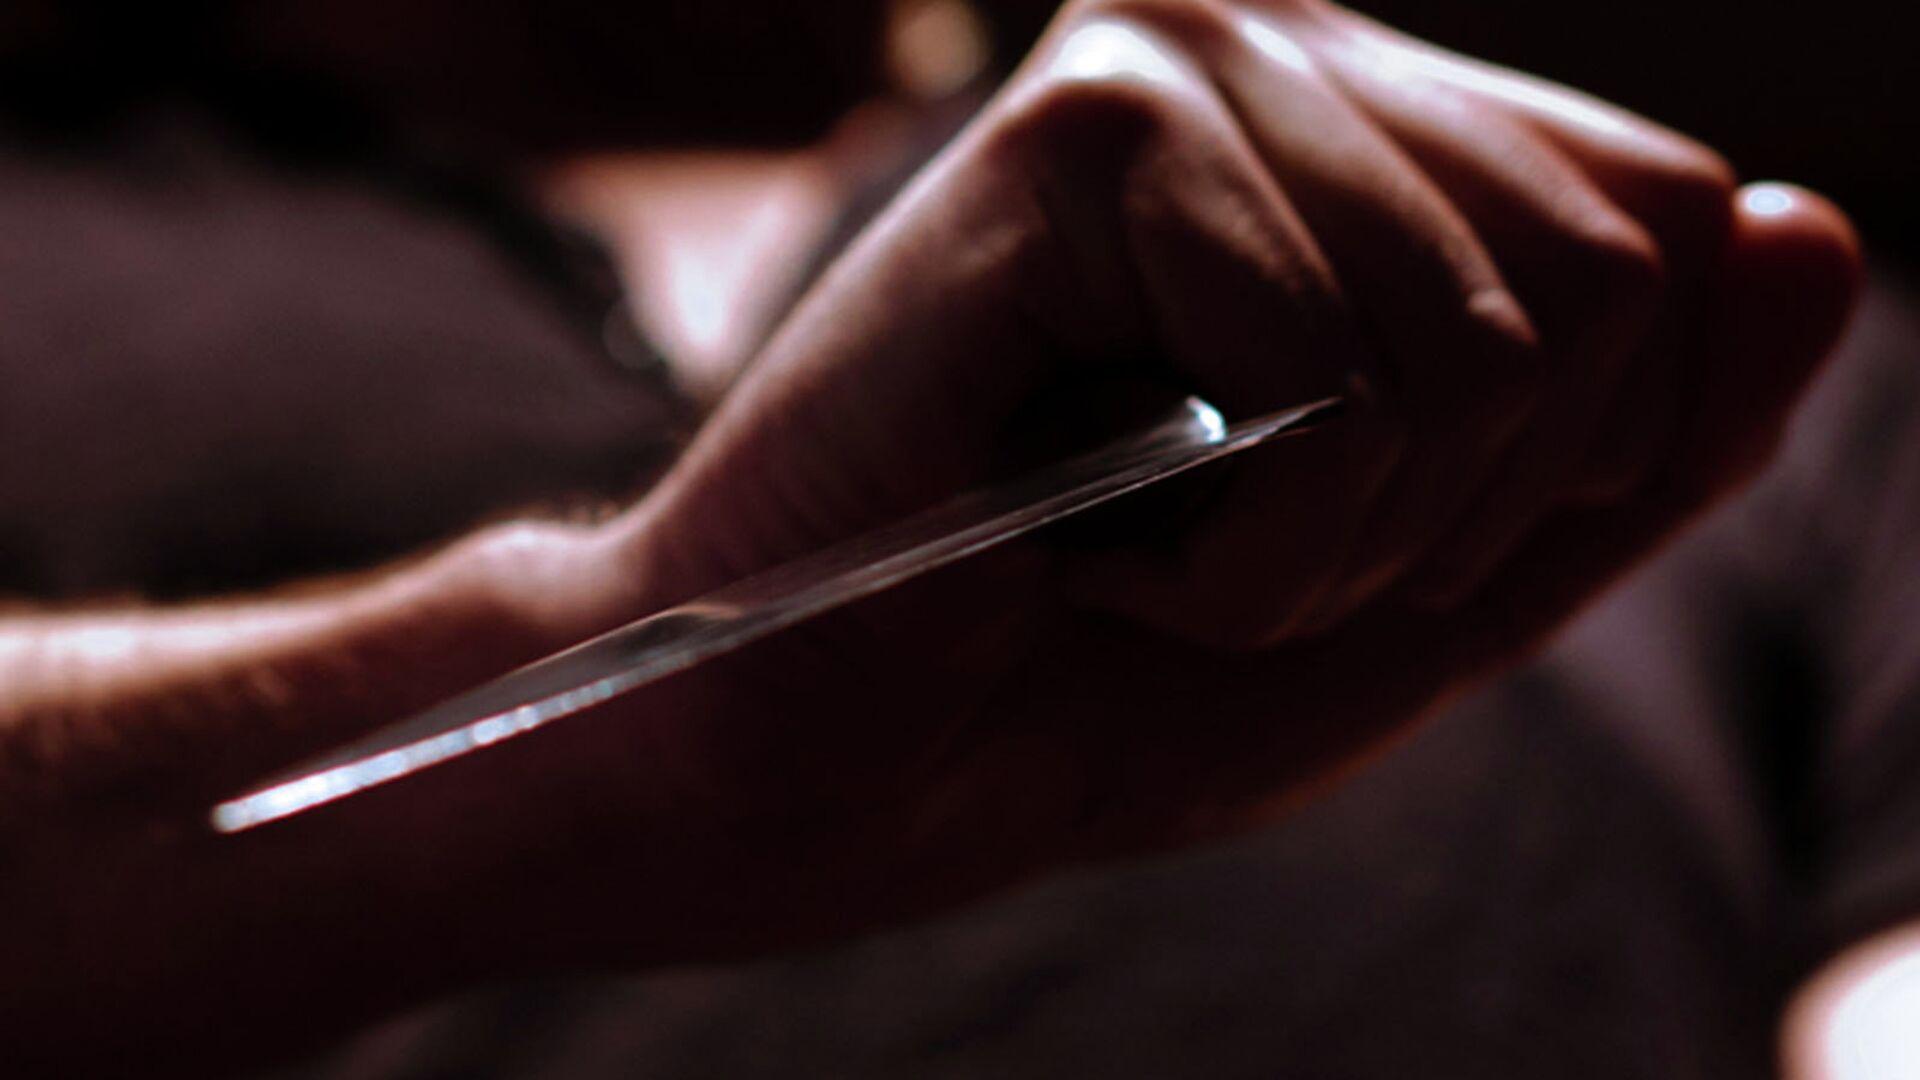 Нож, архивное фото - Sputnik Таджикистан, 1920, 10.09.2021